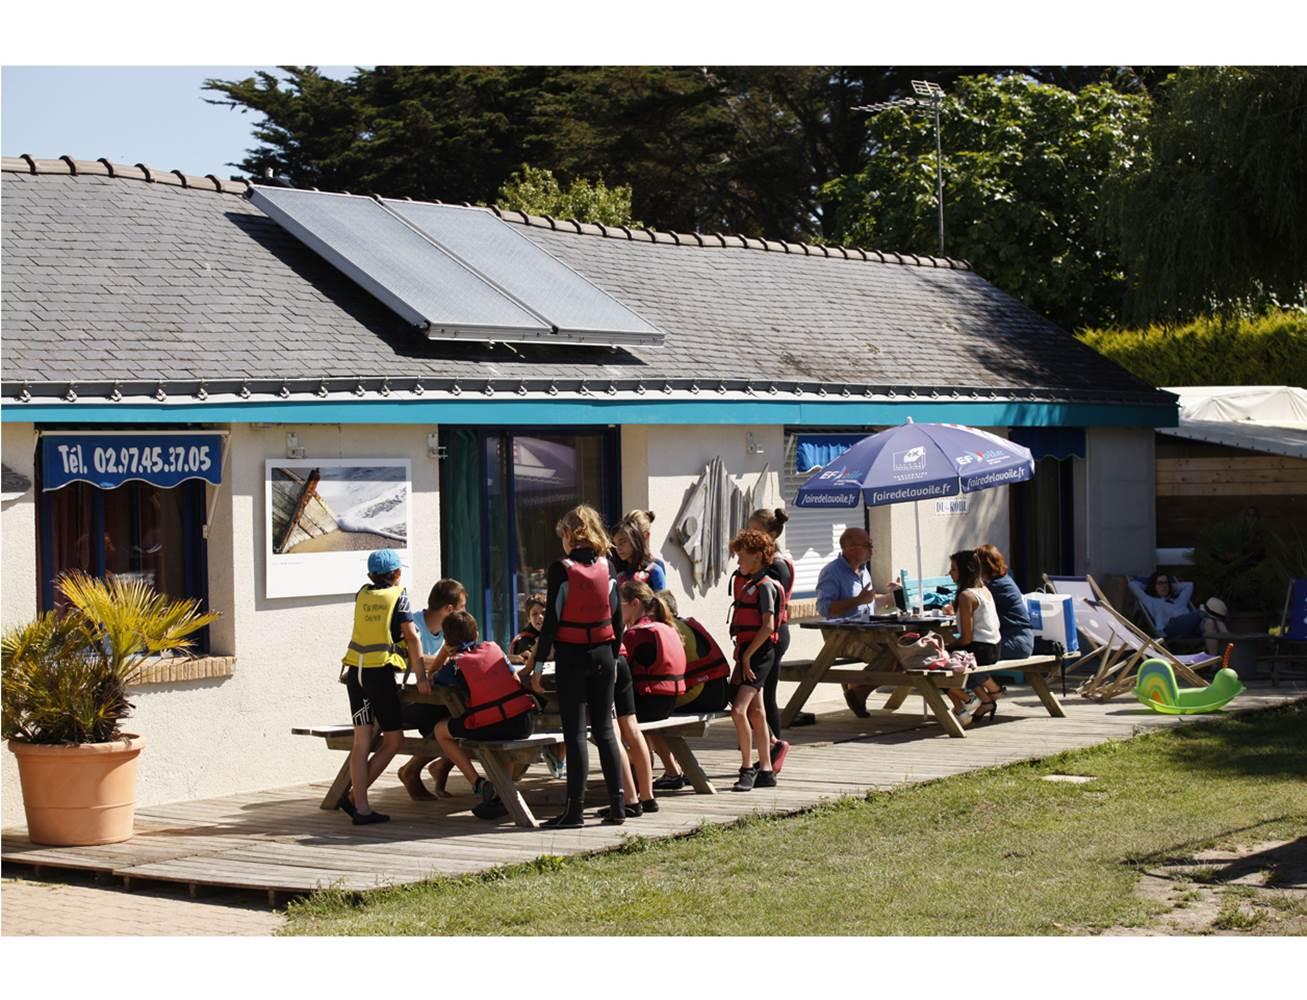 Club Nautique du Rohu - Briefing dans le Club avant le départ sur l'eau © Club Nautique du Rohu